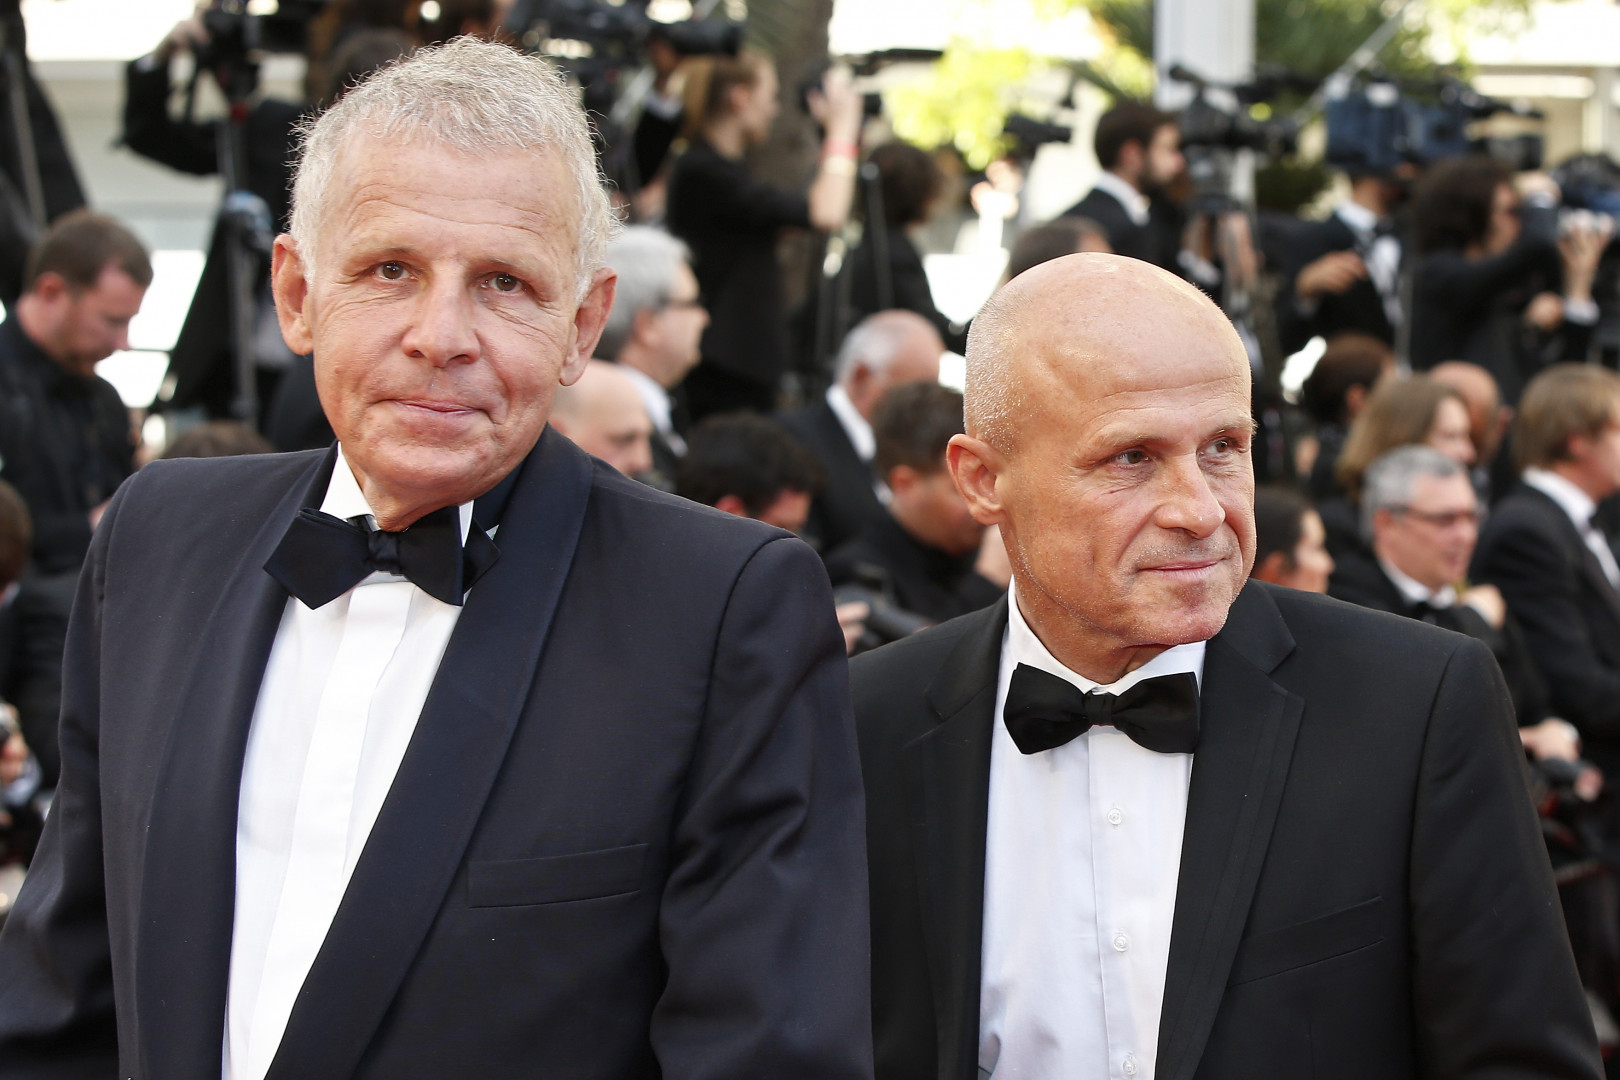 Le journaliste Patrick Poivre d'Arvor avec son frère, Olivier, étaient présents